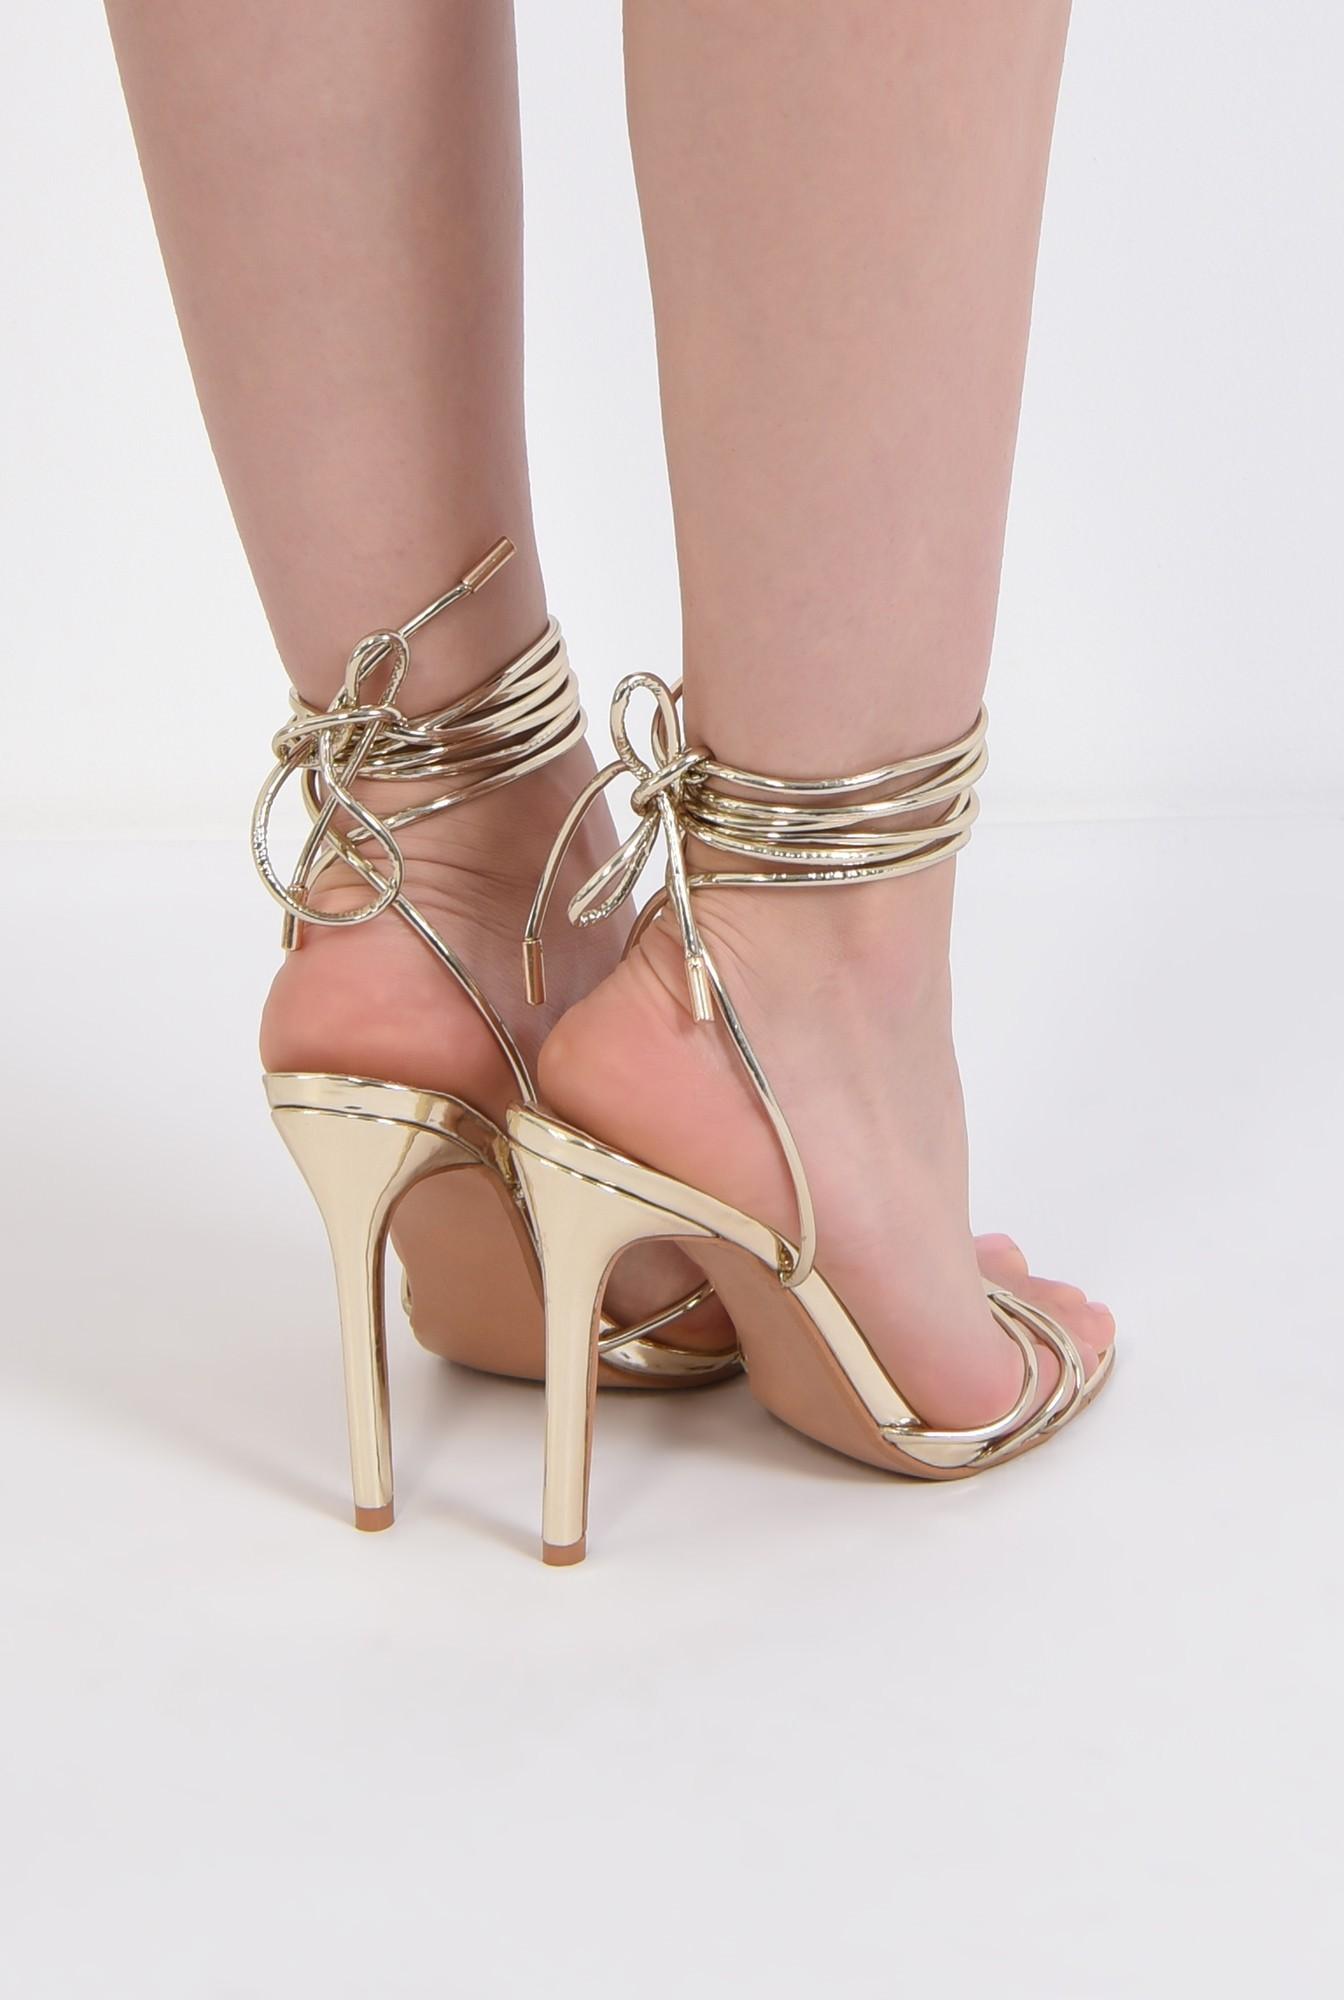 2 - sandale aurii, de ocazie, barete, snur, stiletto